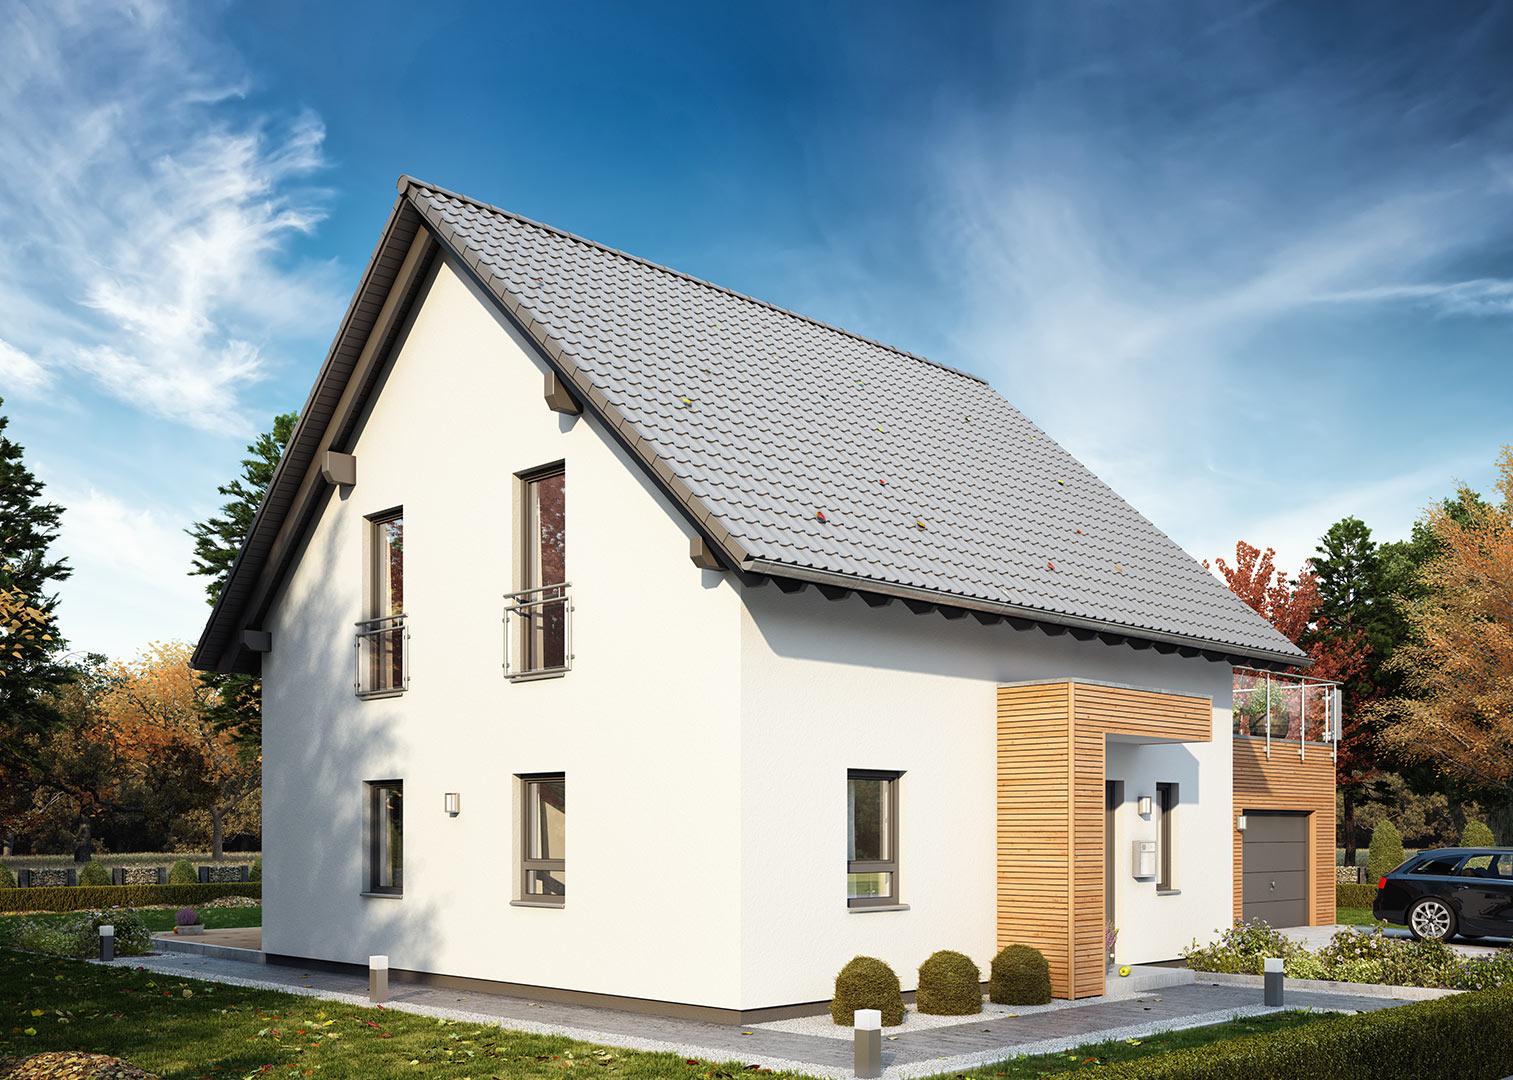 massa-einfamilienhaus-lifestyle-14-02-s-bild-3